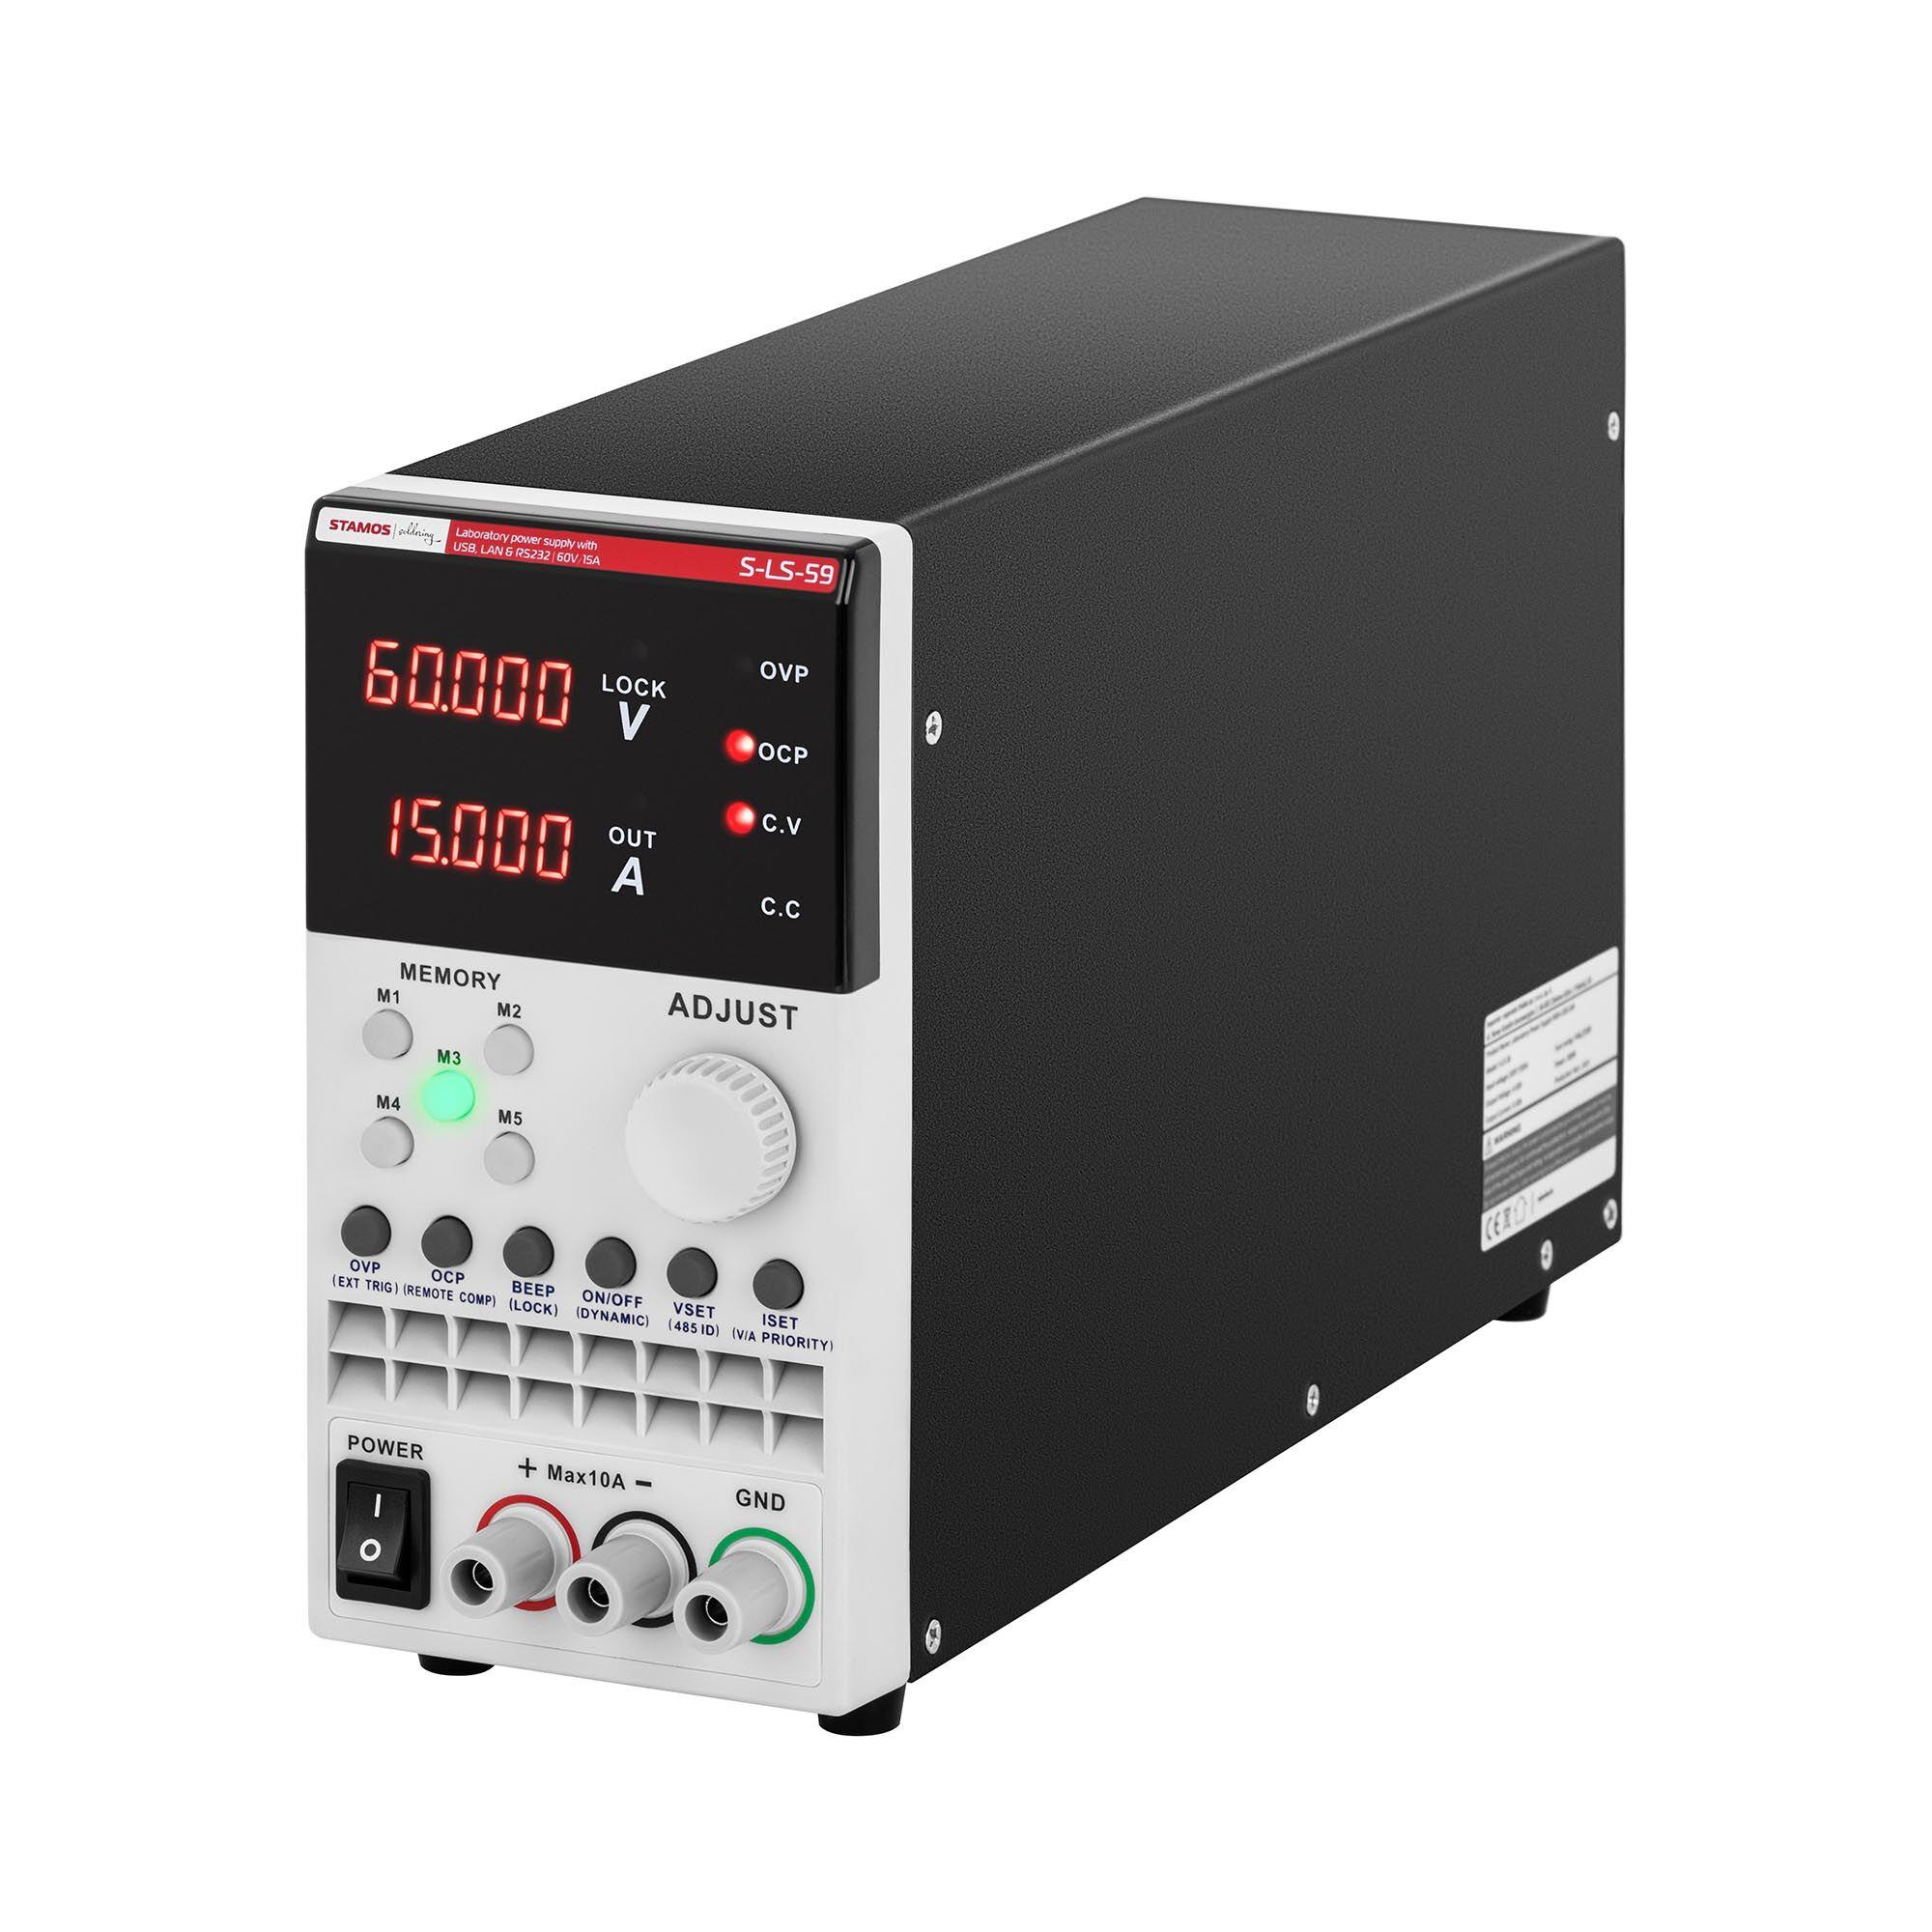 stamos soldering alimentatore stabilizzato da banco - 0-60 v - 0-15 a cc - 300 w - usb/lan/rs232 s-ls-59